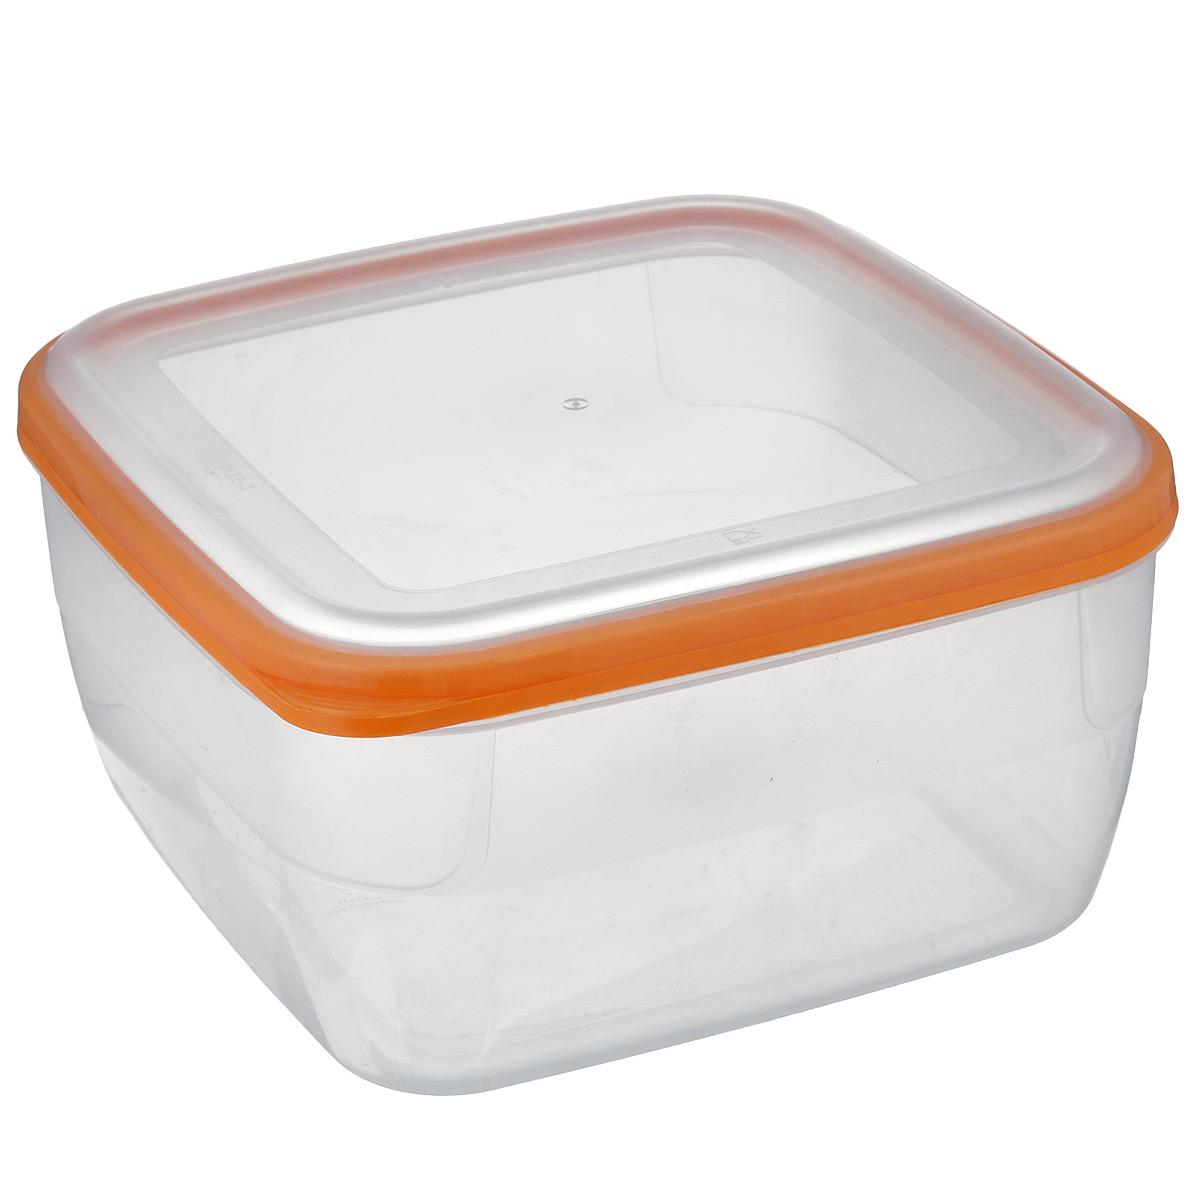 Контейнер Полимербыт Премиум, цвет: прозрачный, оранжевый, 3 лС568 оранжевыйКонтейнер Полимербыт Премиум квадратной формы, изготовленный из прочного пластика, предназначен специально для хранения пищевых продуктов. Крышка легко открывается и плотно закрывается.Стенки контейнера прозрачные - хорошо видно, что внутри. Контейнер устойчив к воздействию масел и жиров, легко моется. Прозрачные стенки позволяют видеть содержимое. Контейнер имеет возможность хранения продуктов глубокой заморозки, обладает высокой прочностью. Подходит для использования в микроволновых печах. Можно мыть в посудомоечной машине.